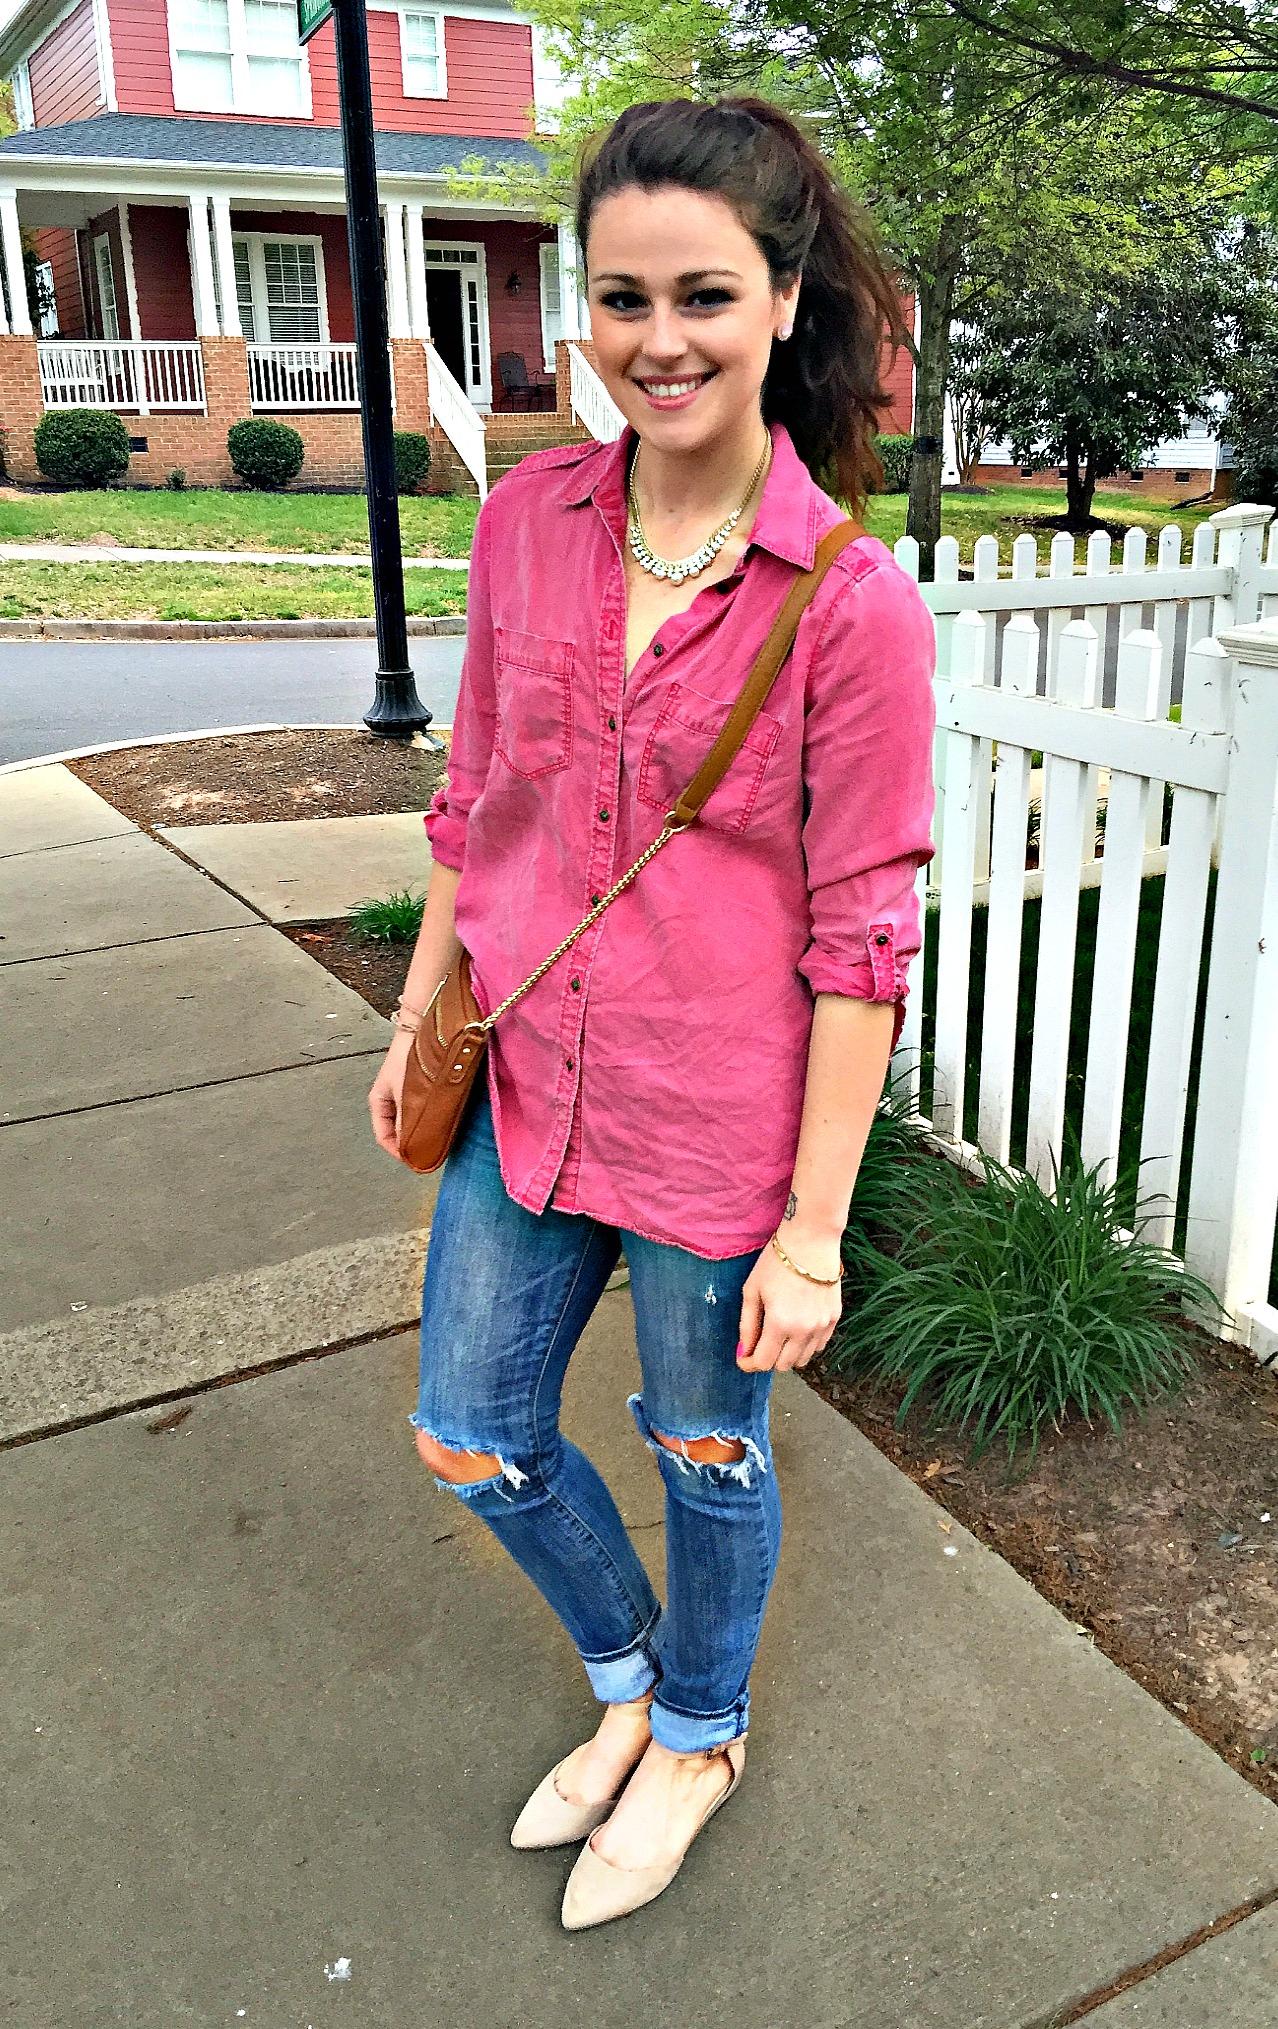 Taralynn McNitt: Simply Taralynn